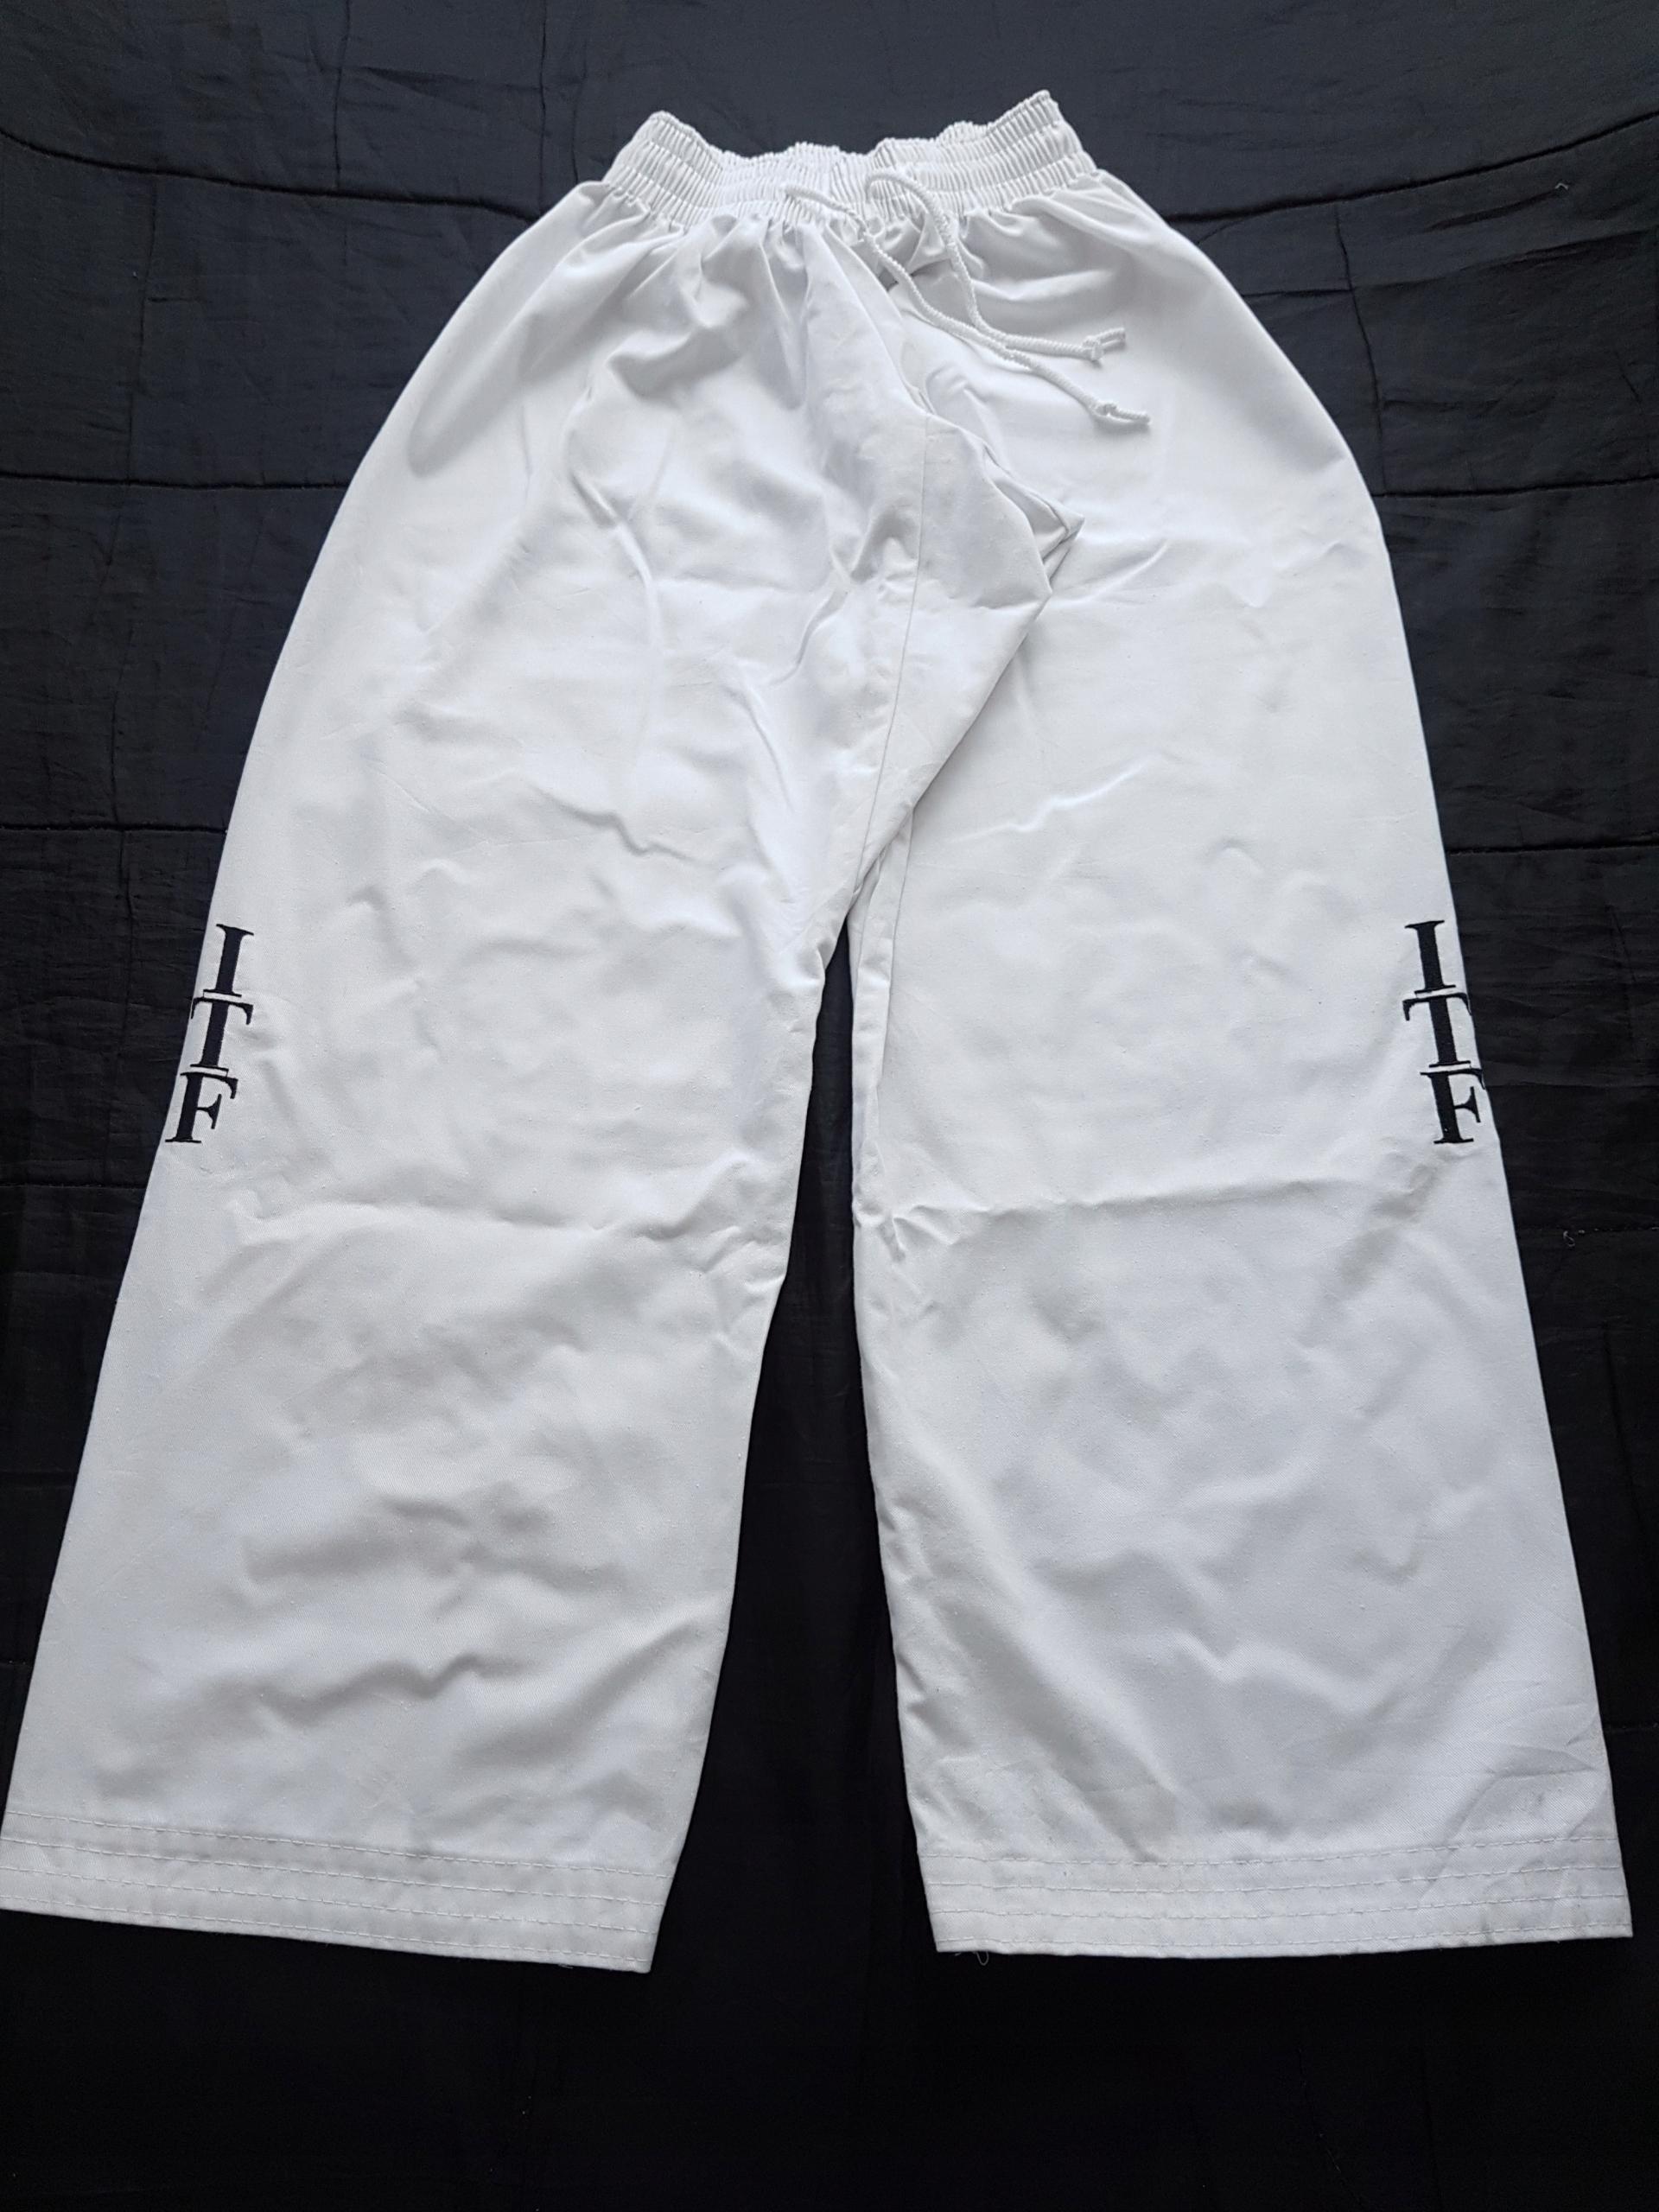 Spodnie kimono białe ITF 160 cm